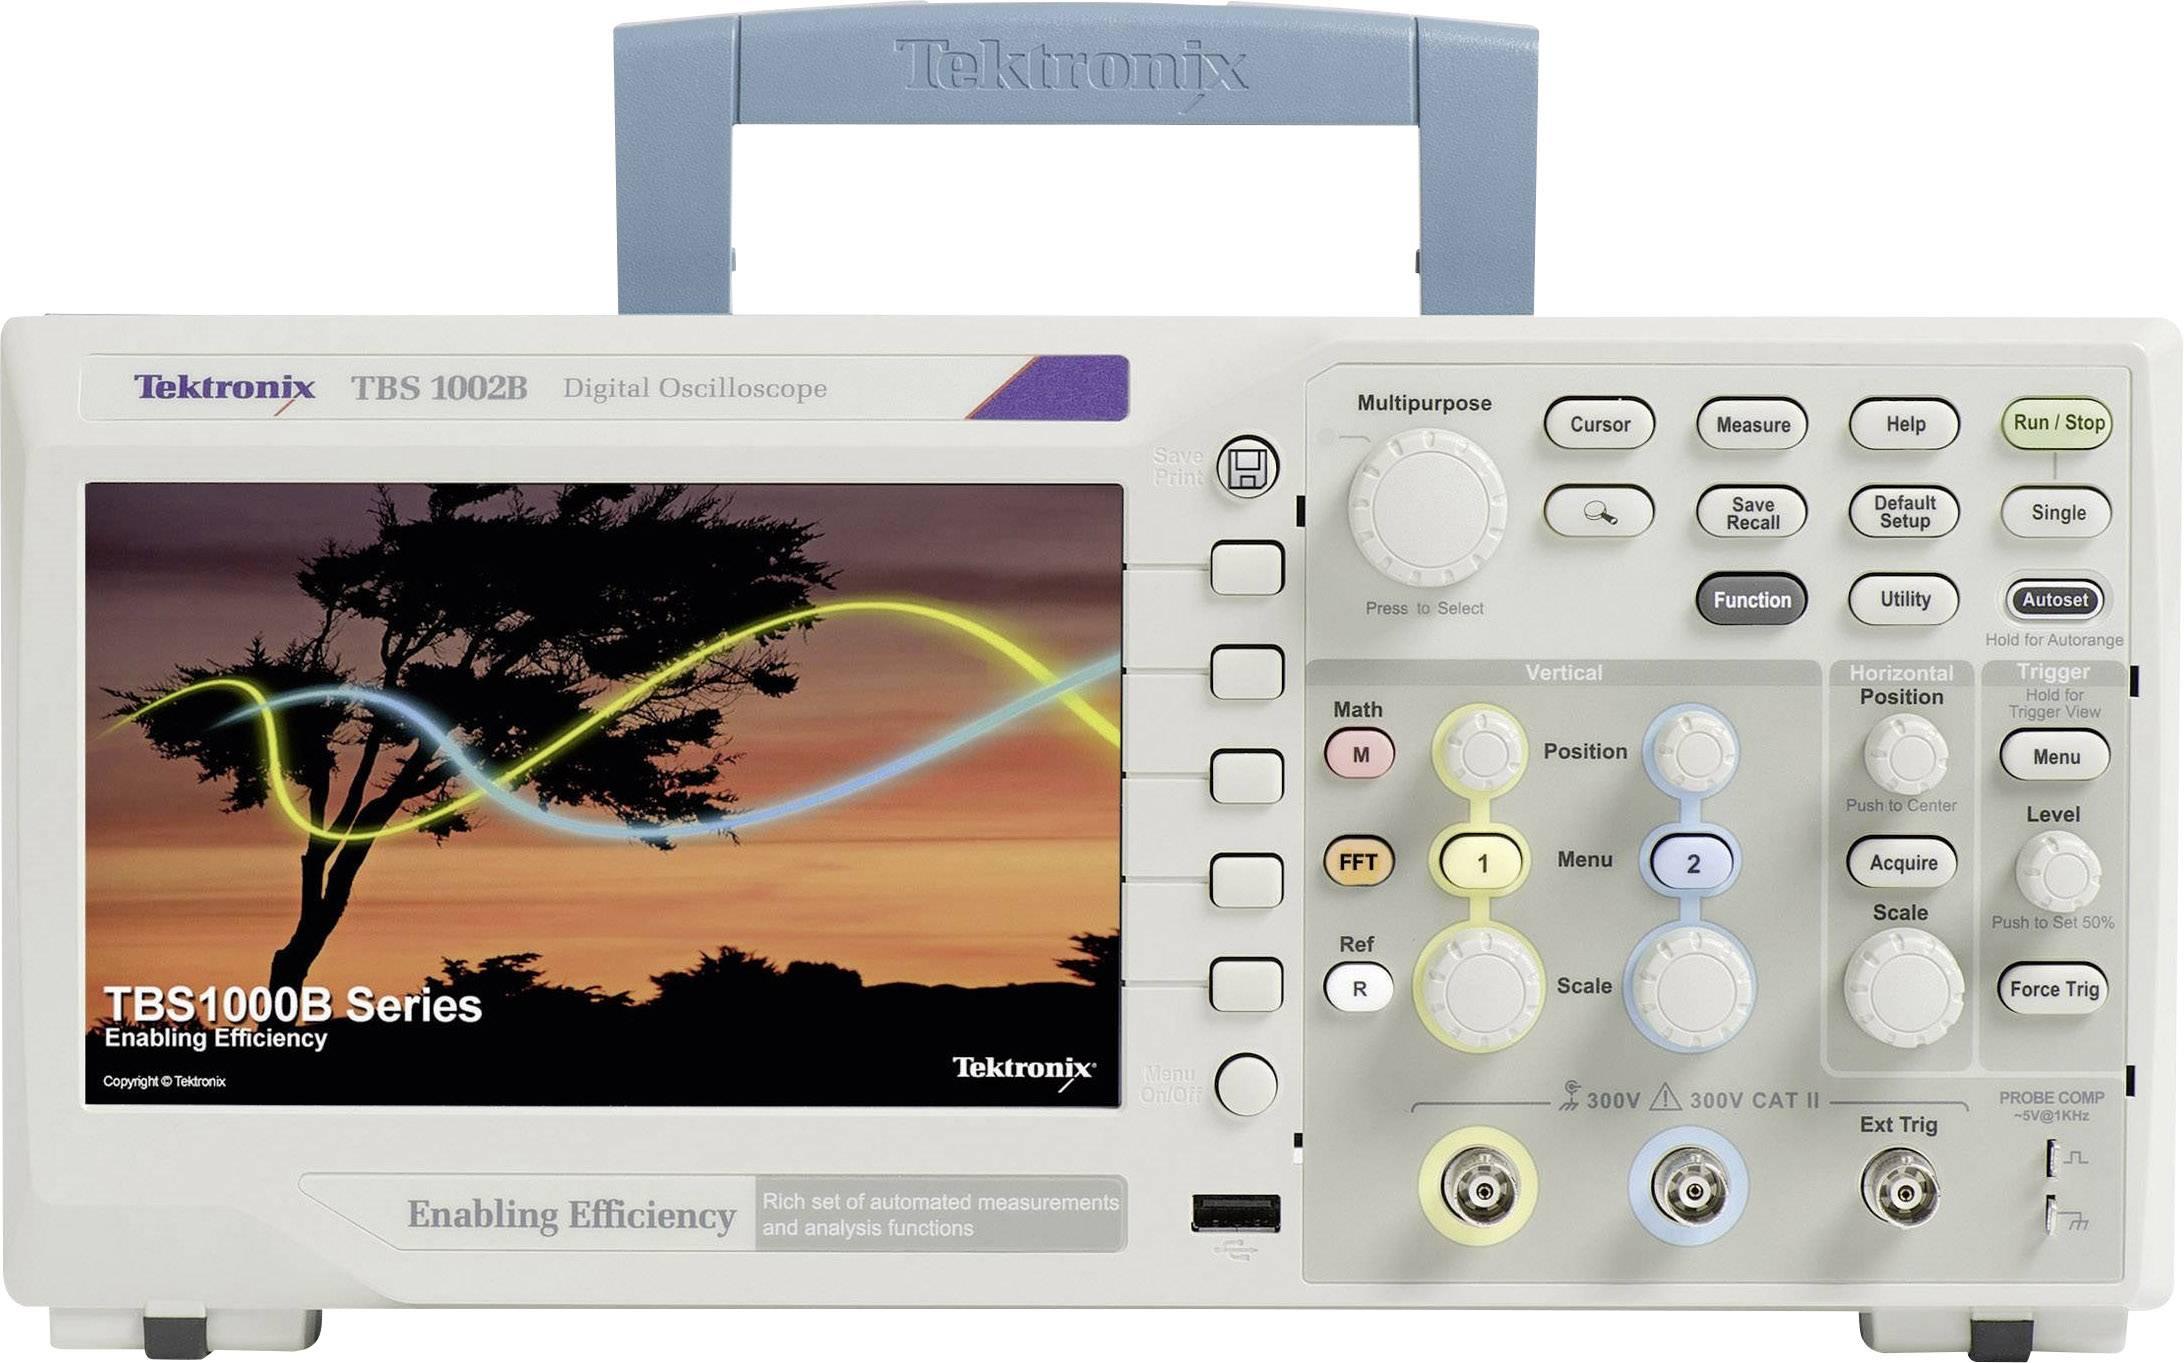 Digitální osciloskop Tektronix TBS1072B, 70 MHz, 2kanálová, Kalibrováno dle ISO